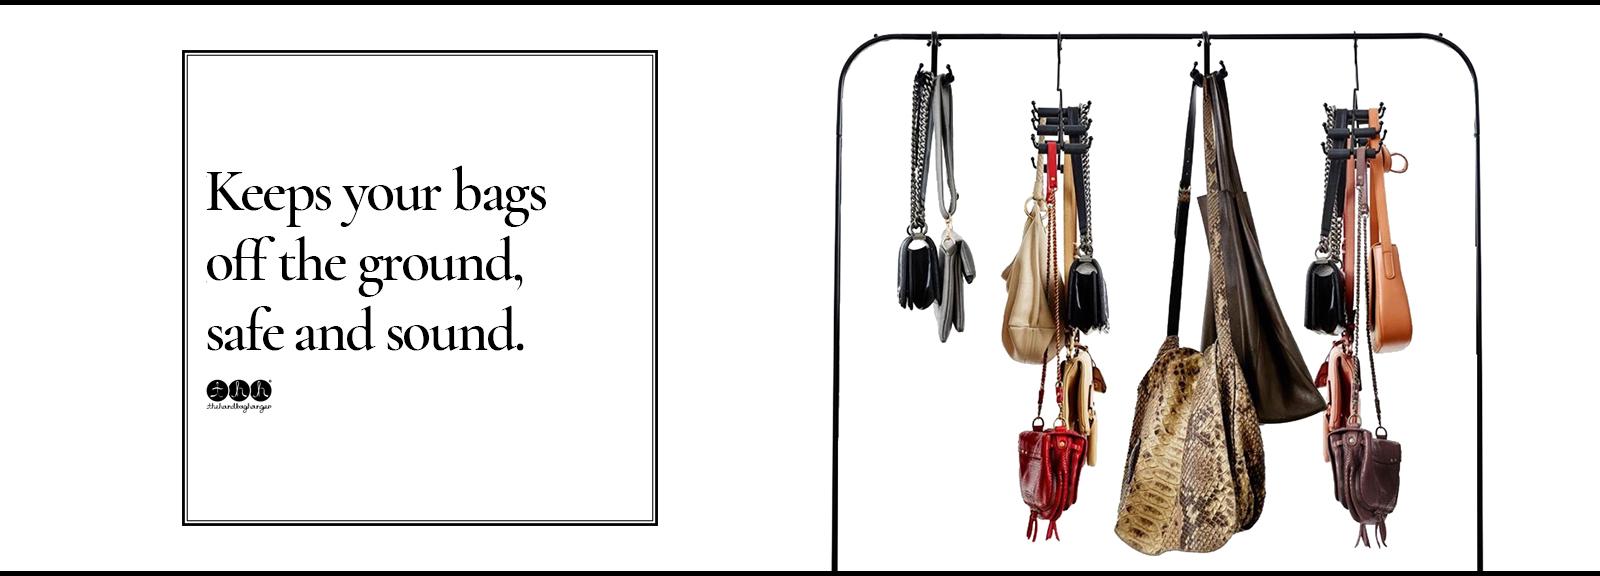 accessory-handbag-bag-closet-organizer